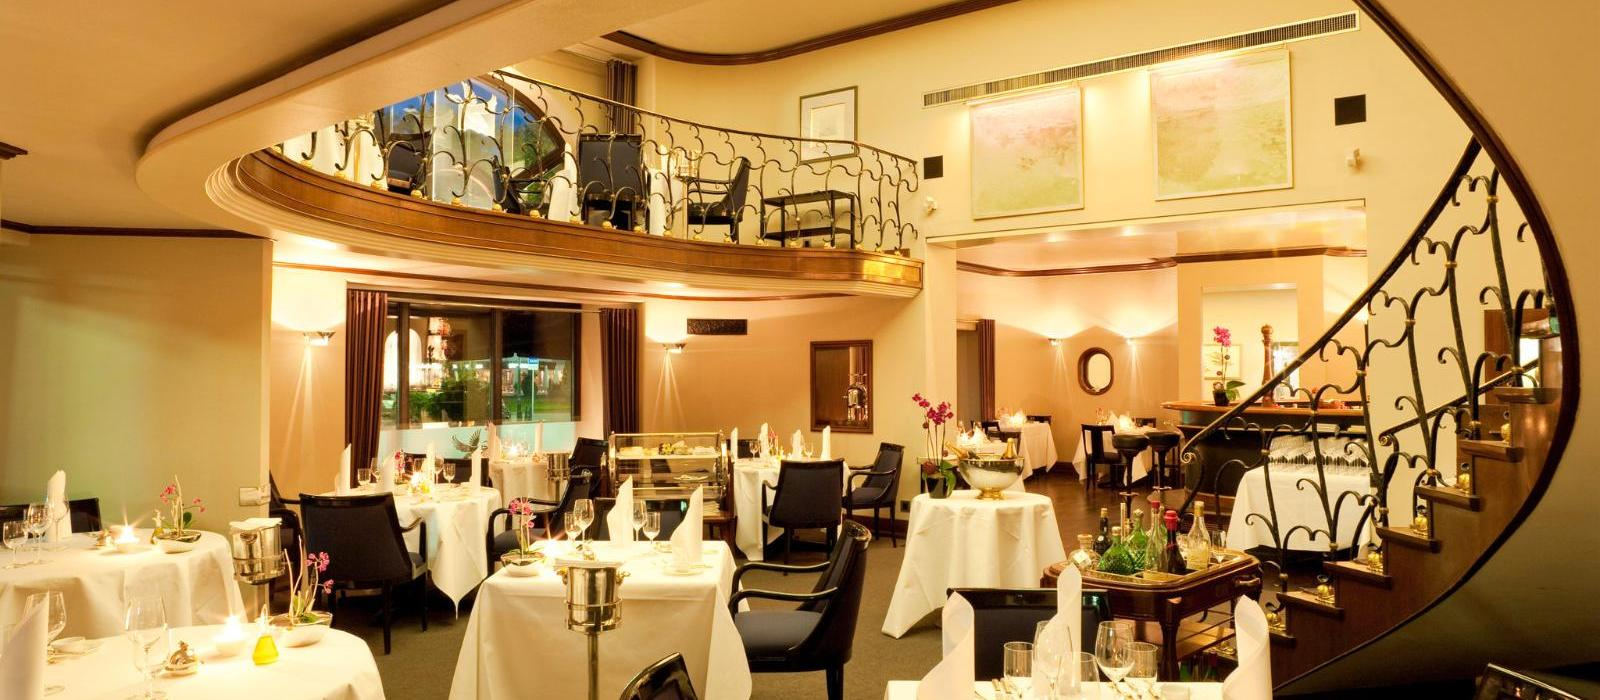 纳索尔霍夫酒店(Hotel Nassauer Hof) ENTE餐厅图片  www.lhw.cn